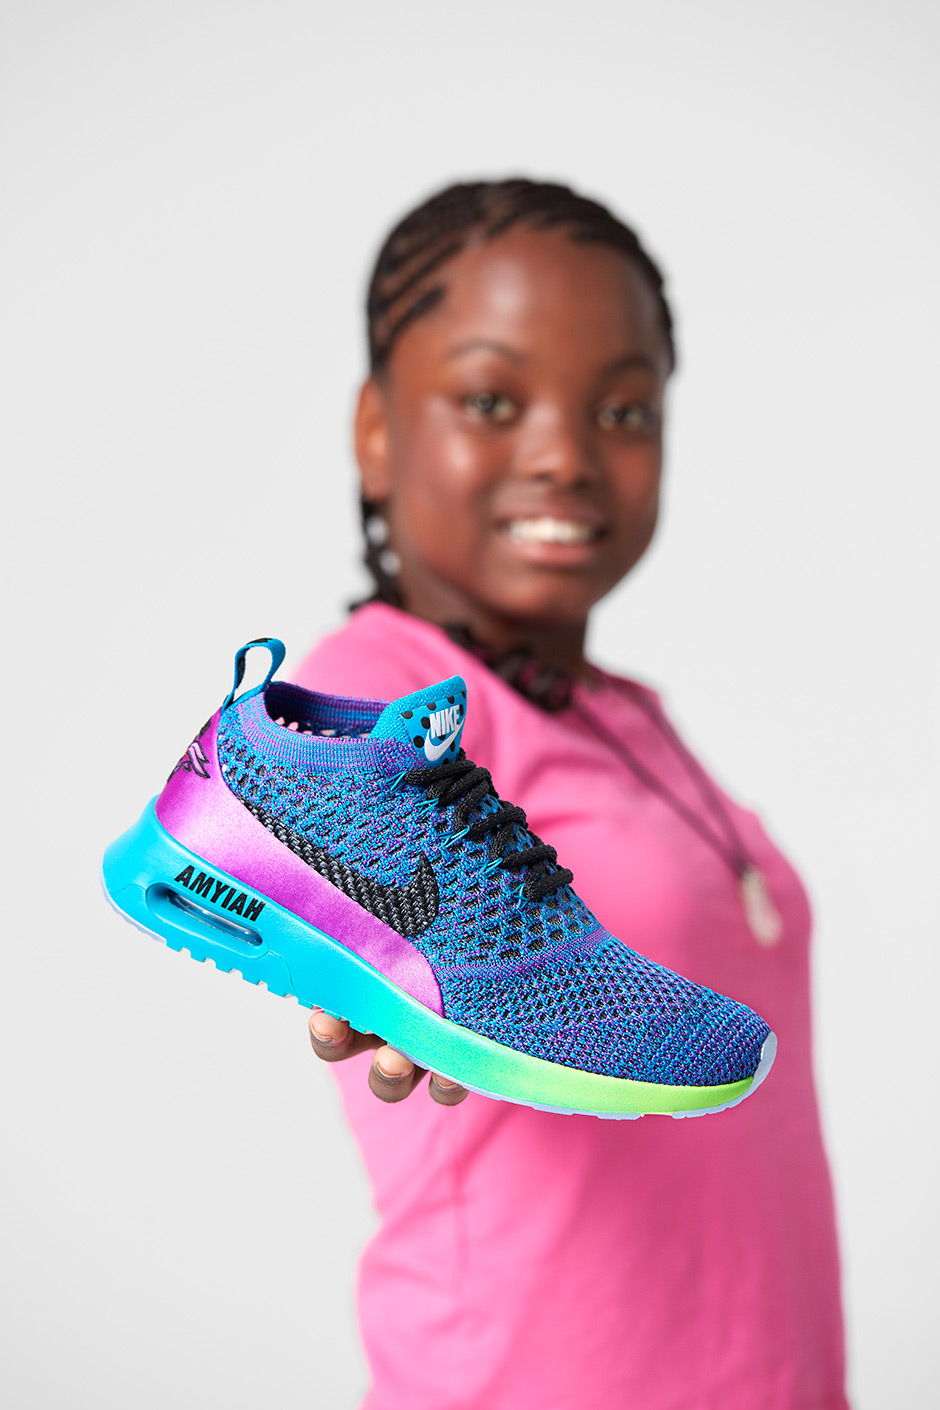 3441e3e1f24 Nike Doernbecher Air More Uptempo